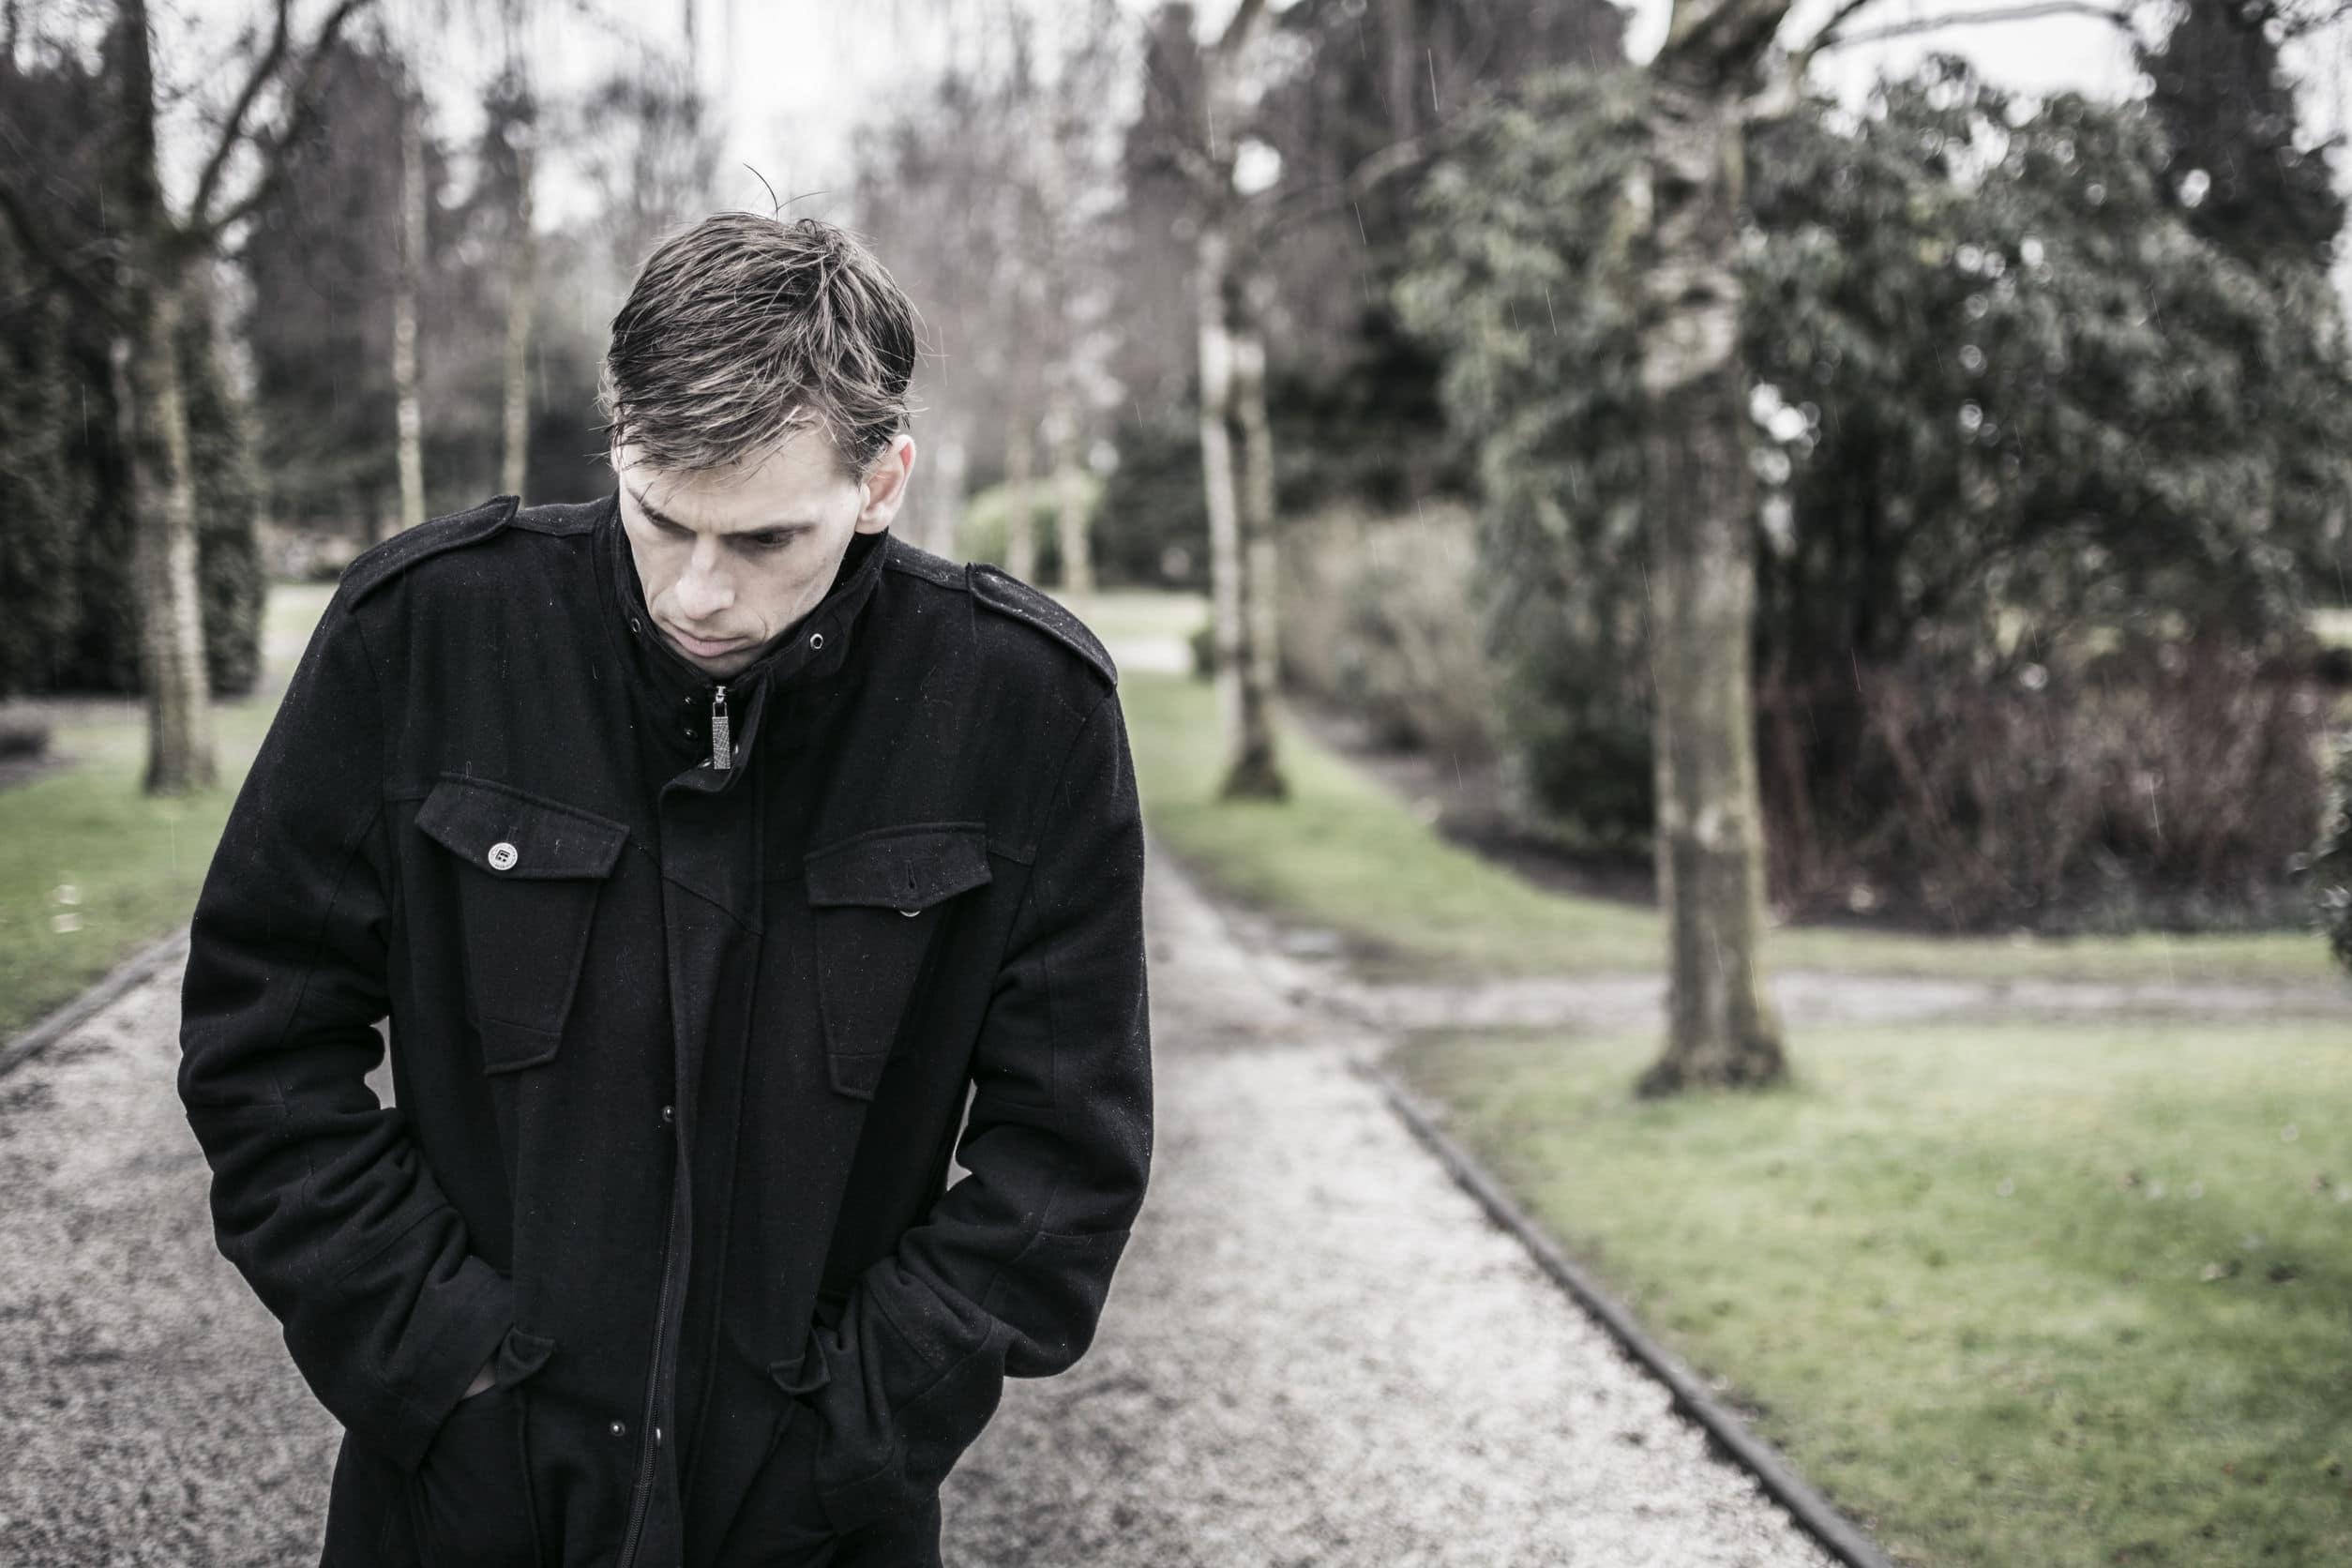 Homem deprimido andando nas ruas de um parque. Ele usa um sobretudo preto.